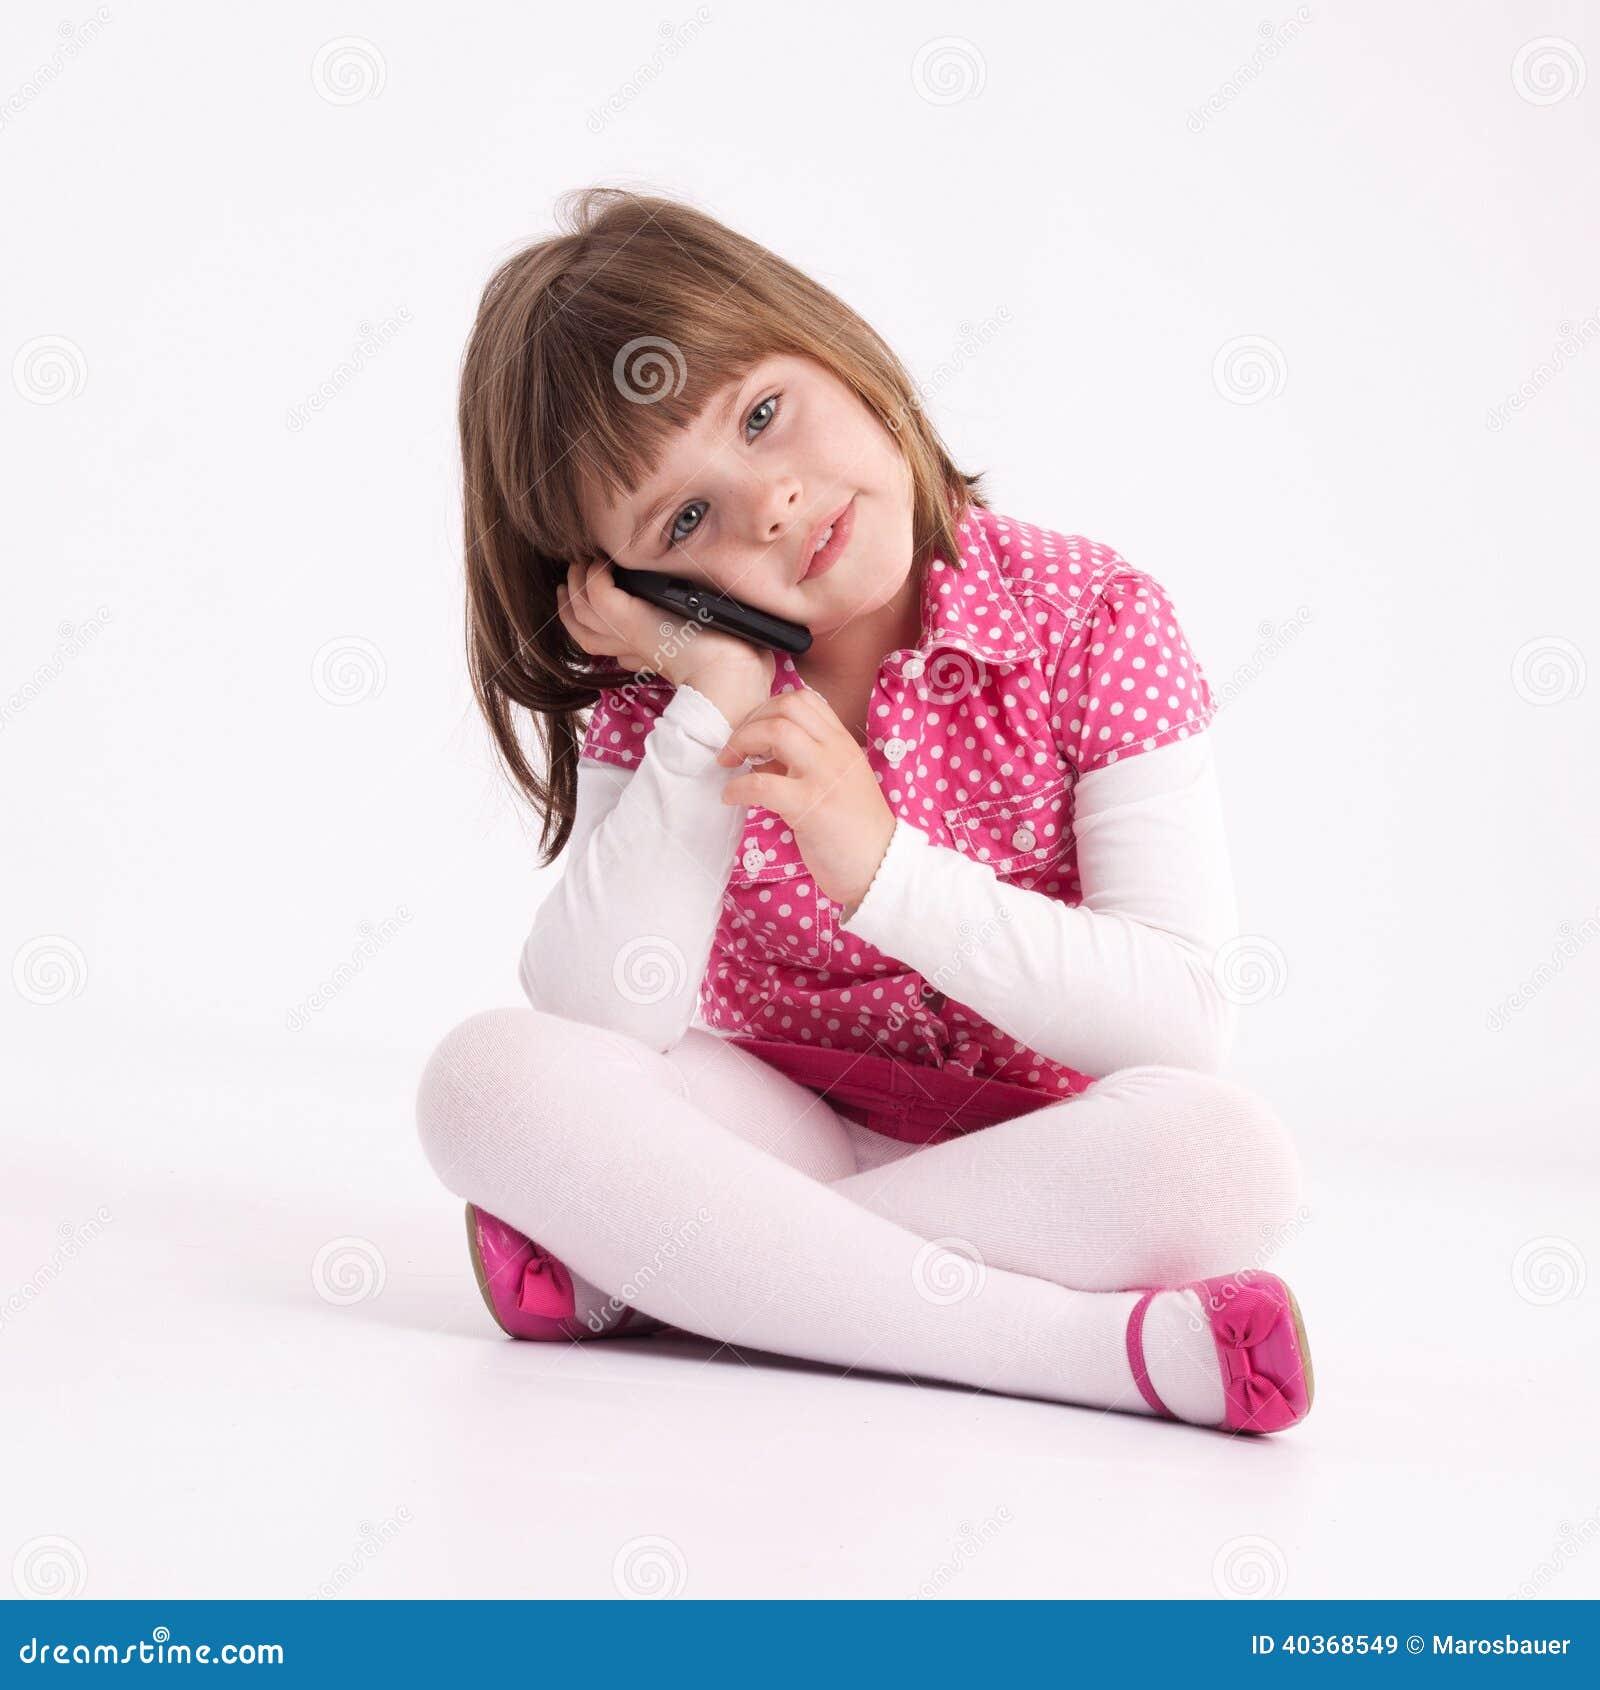 little girl preschooler model stock image image 40368549